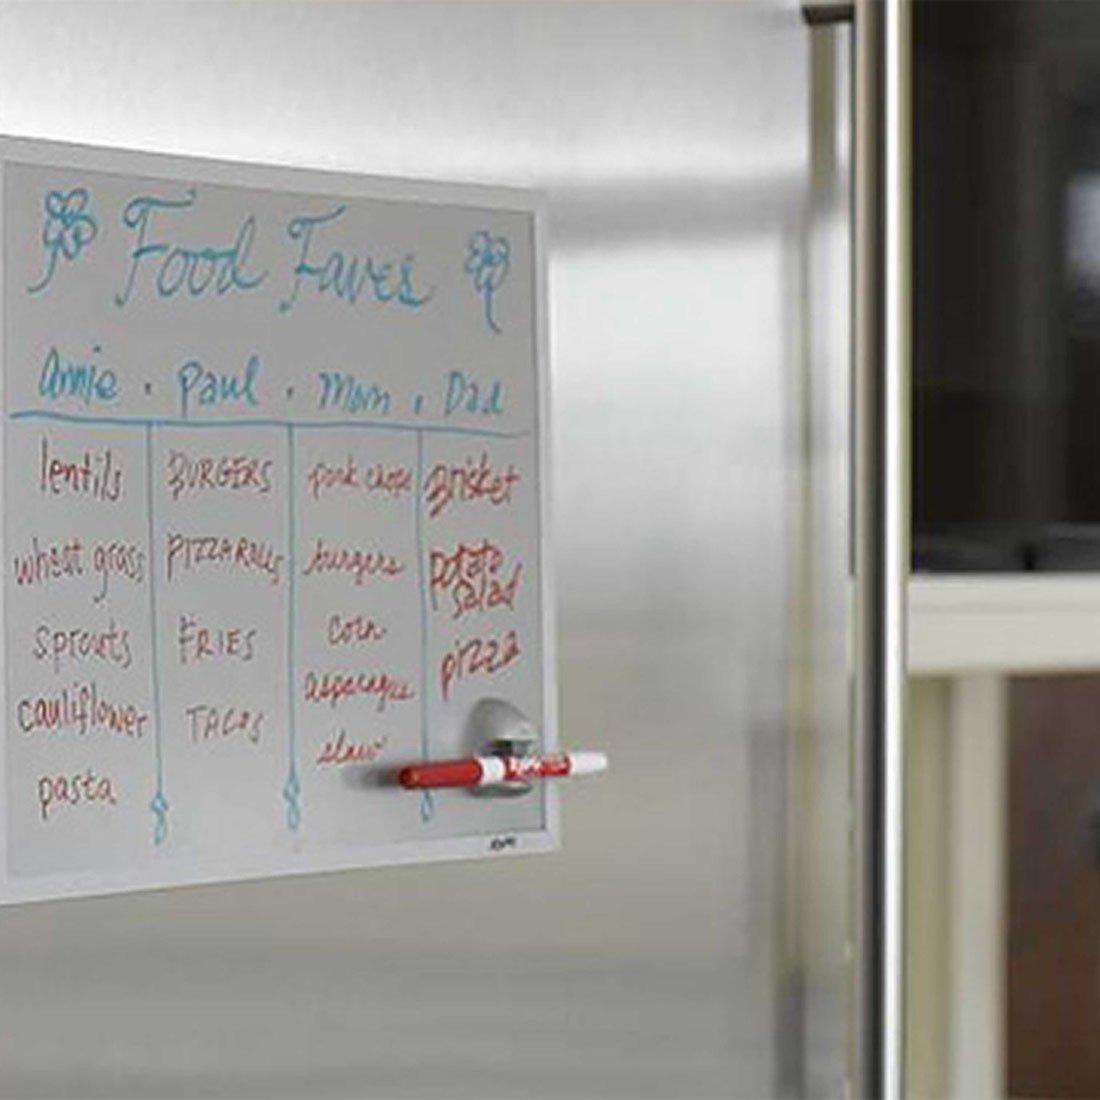 weekly-menu-written-on-whiteboard-on-refrigerator.jpg